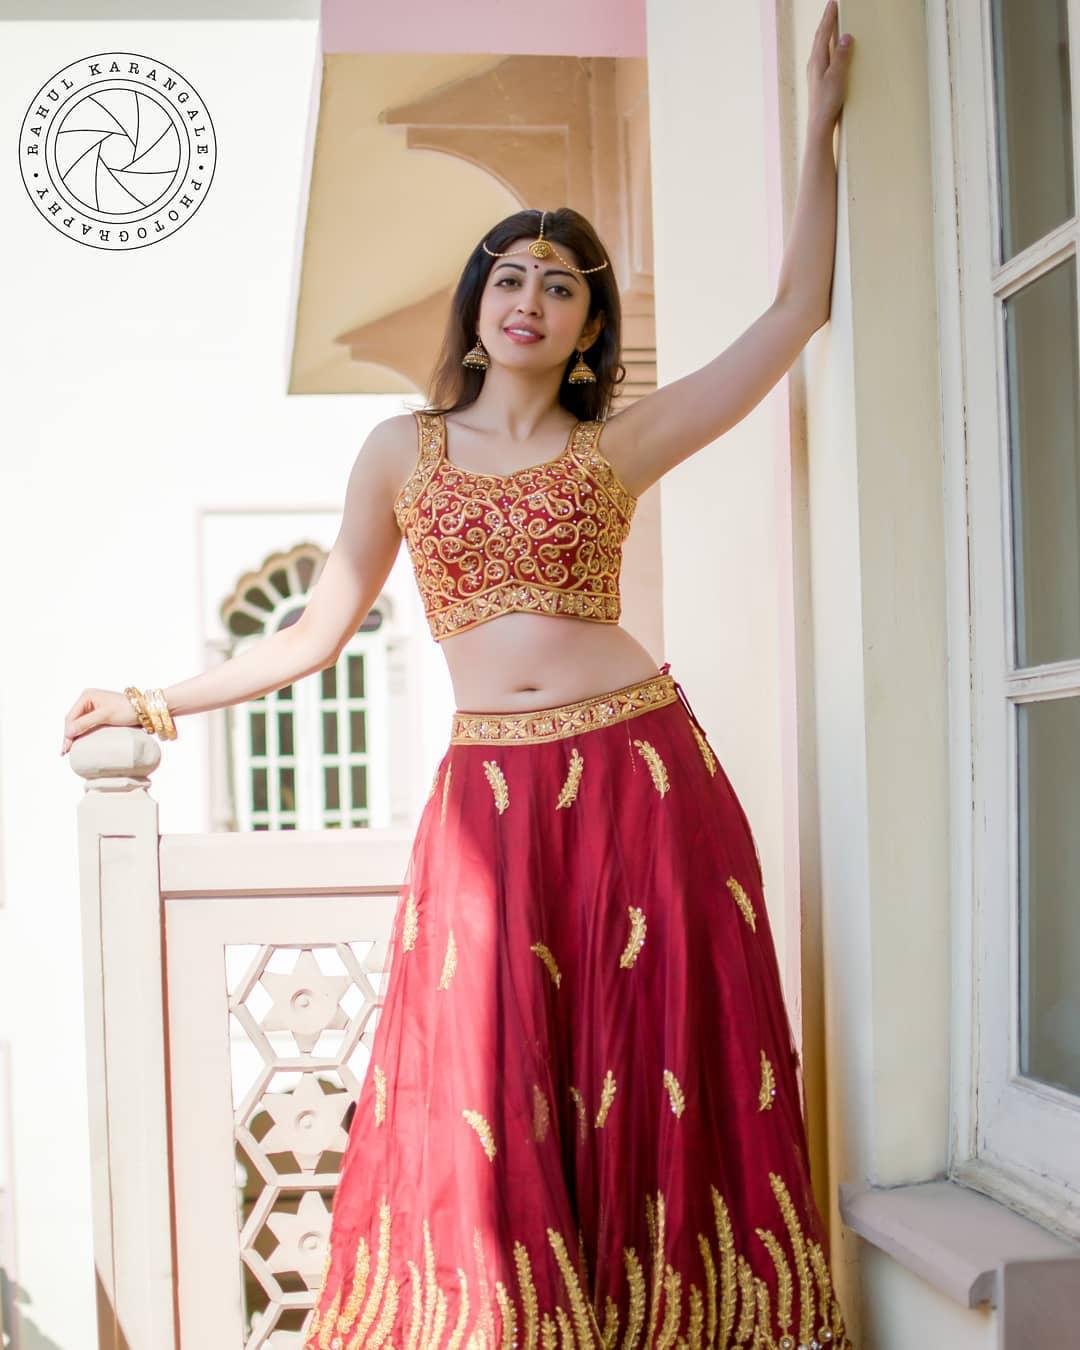 pranitha subhash photos by rahul karangale